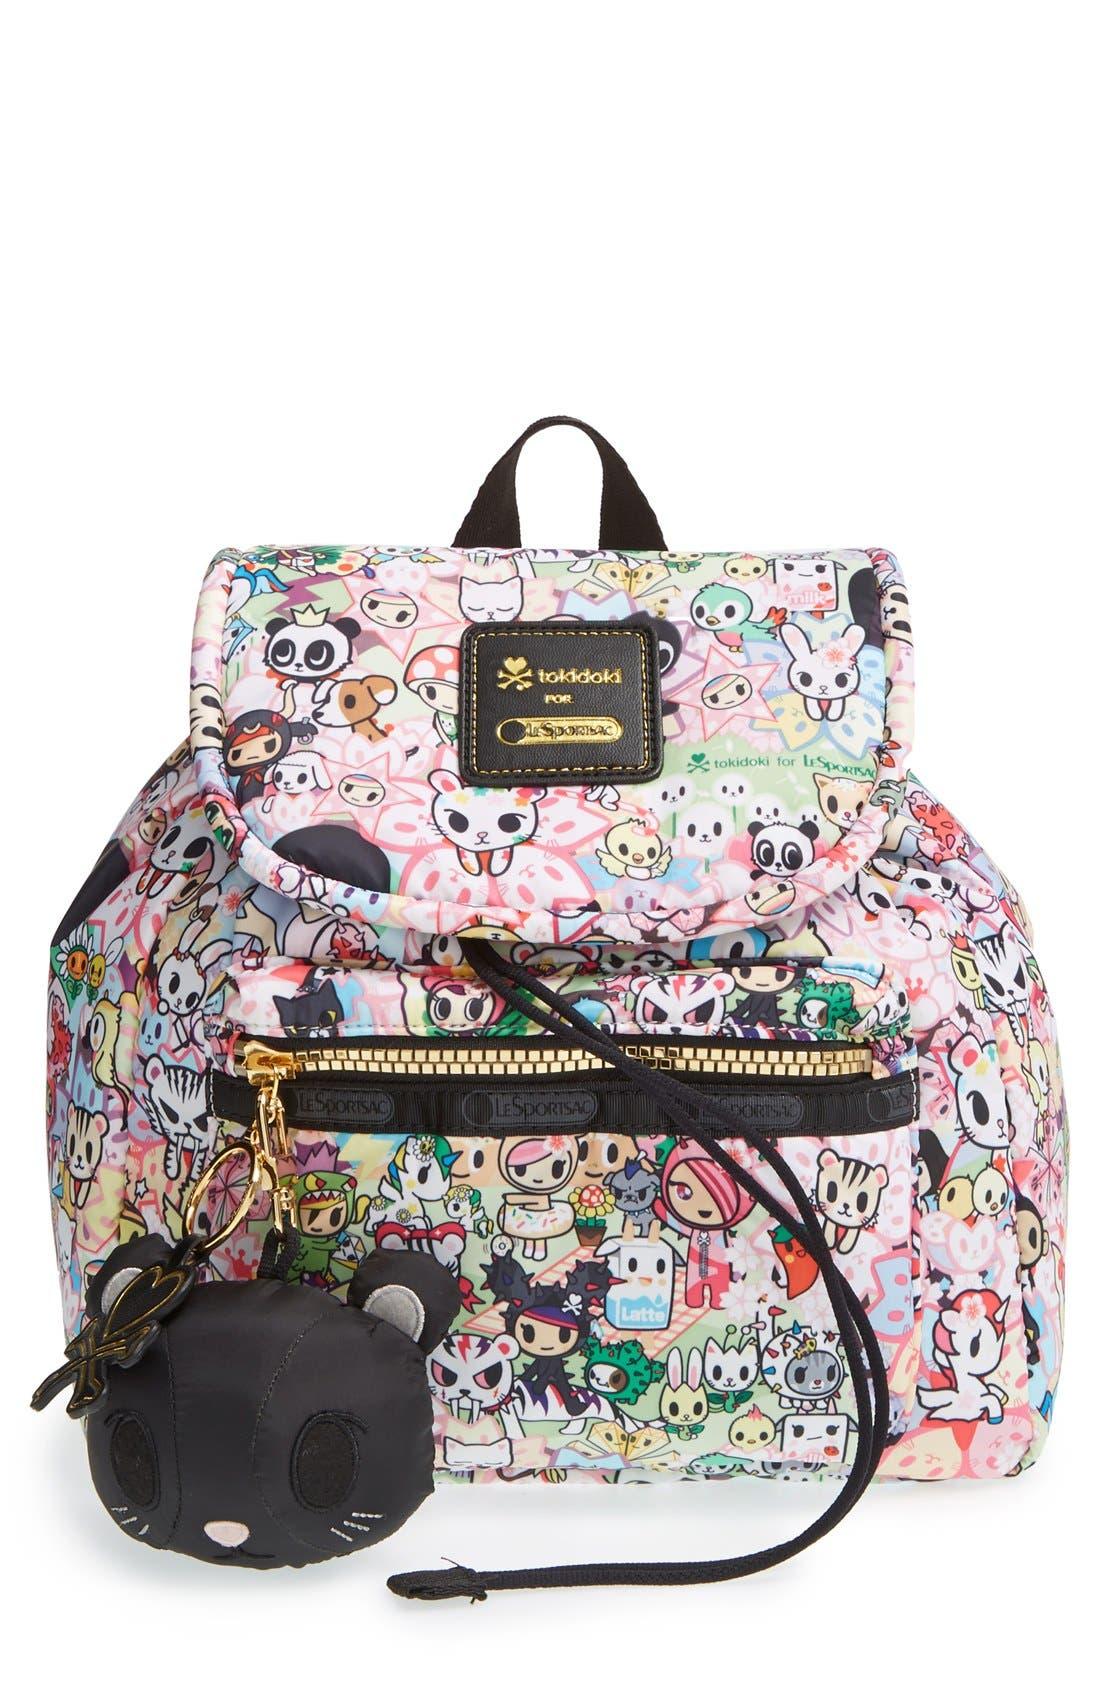 Alternate Image 1 Selected - tokidoki x LeSportsac 'Piccolina' Nylon Backpack